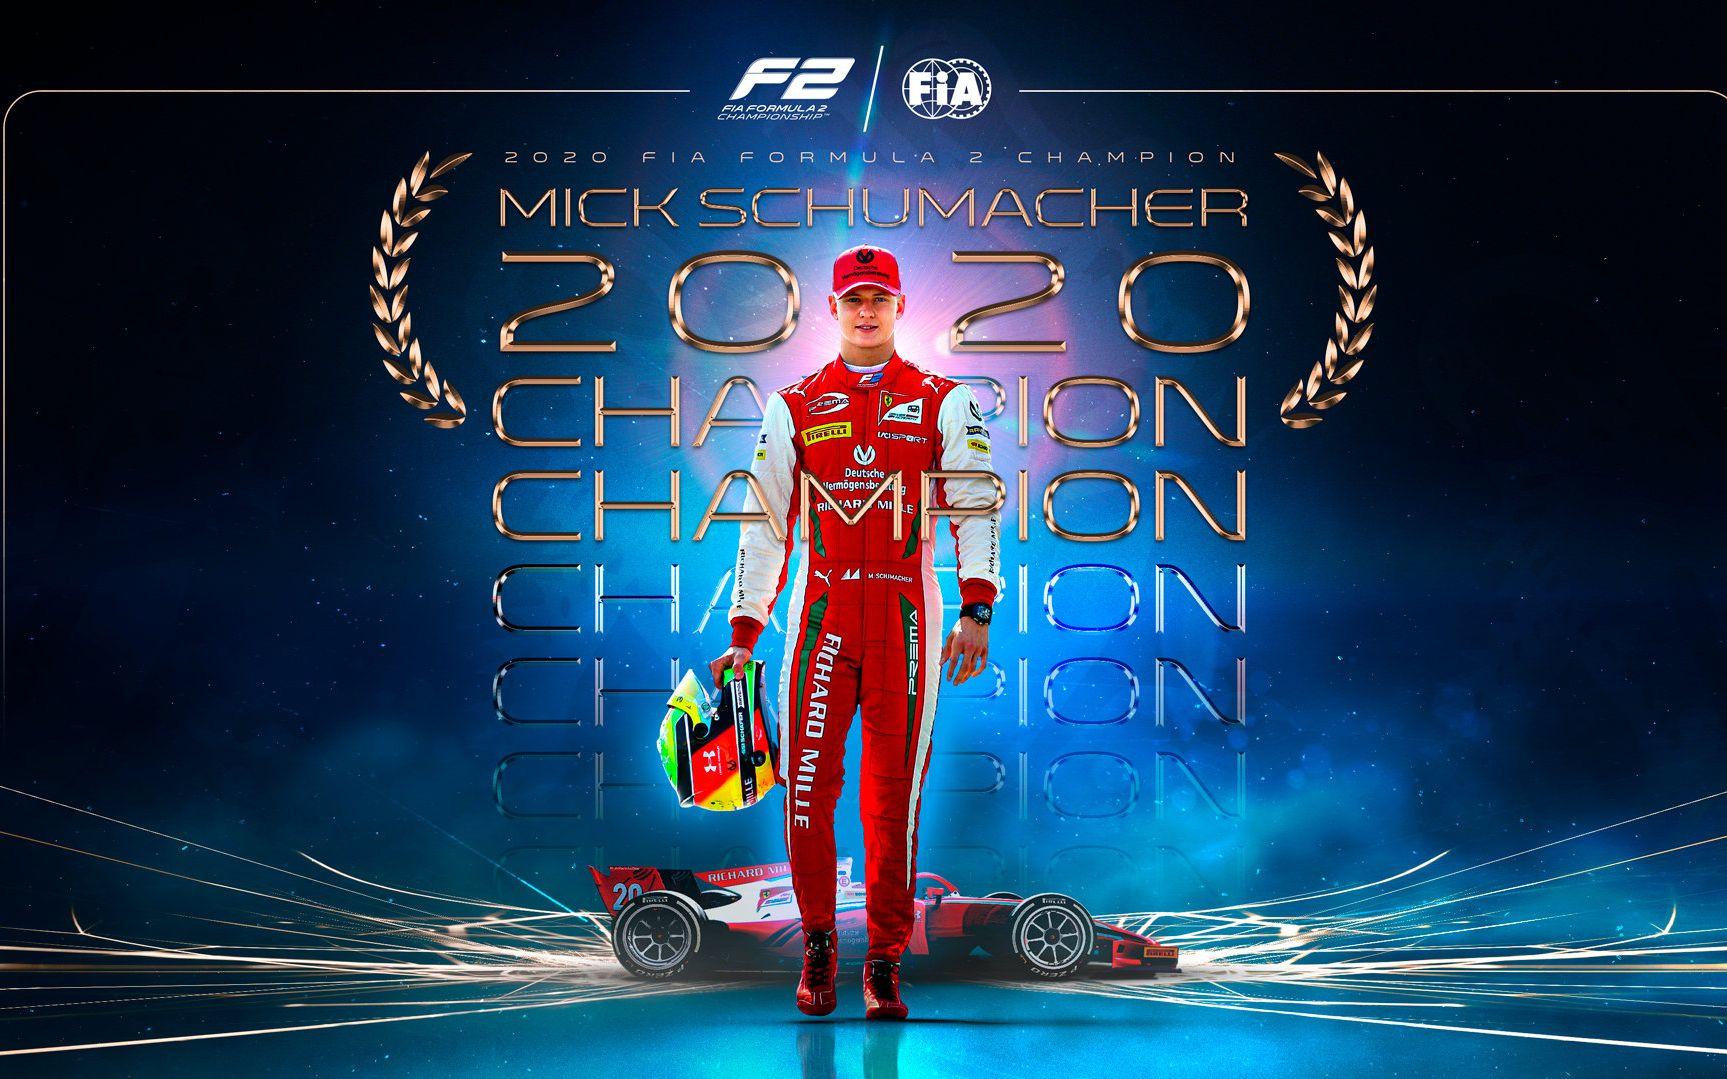 米克·舒马赫获得本赛季F2车手总冠军。图/社交媒体